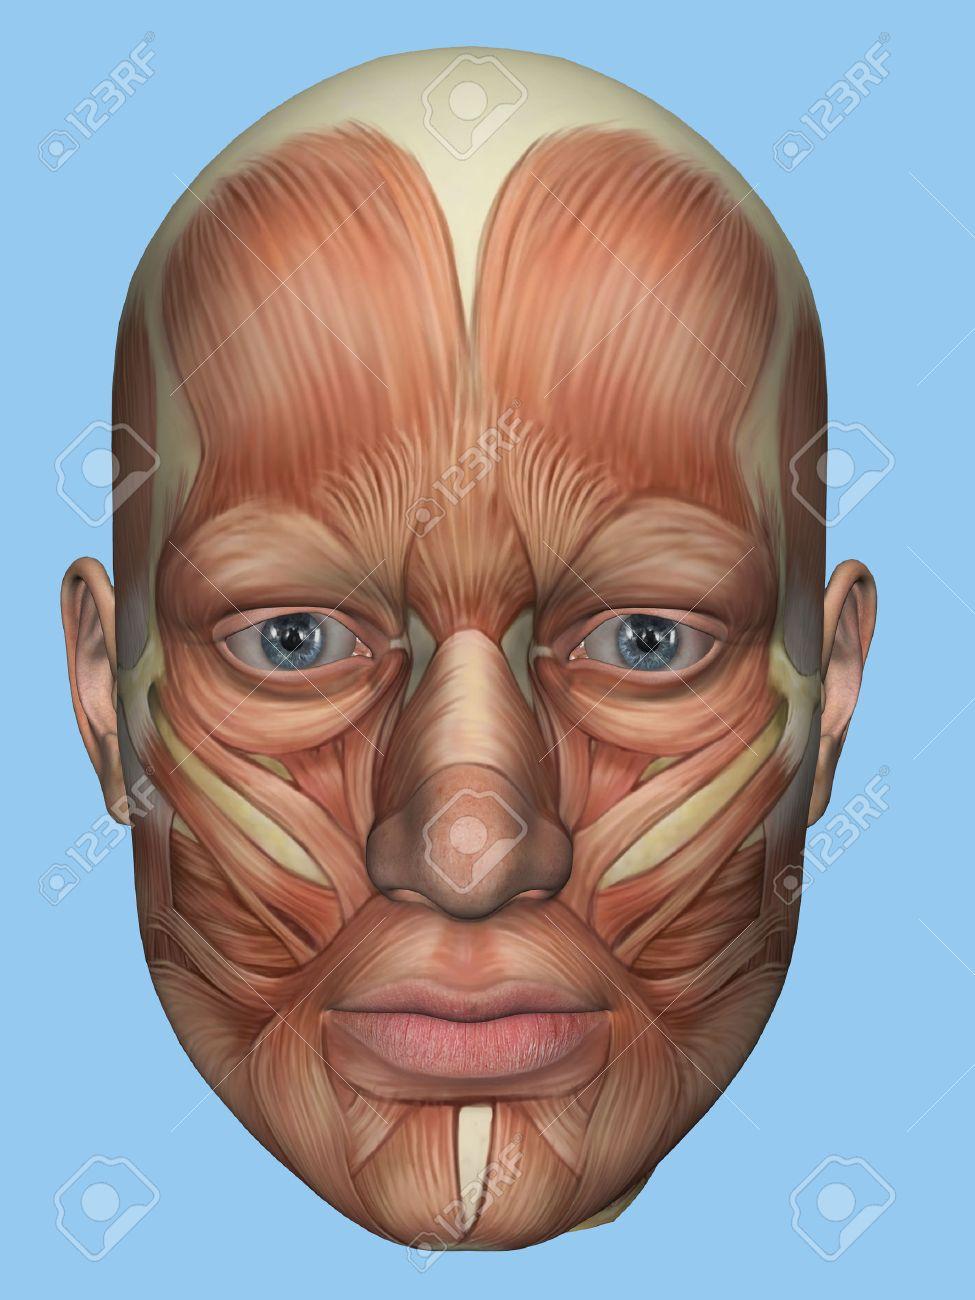 Anatomie Vorderansicht Der Hauptgesichtsmuskeln Eines Männlichen ...